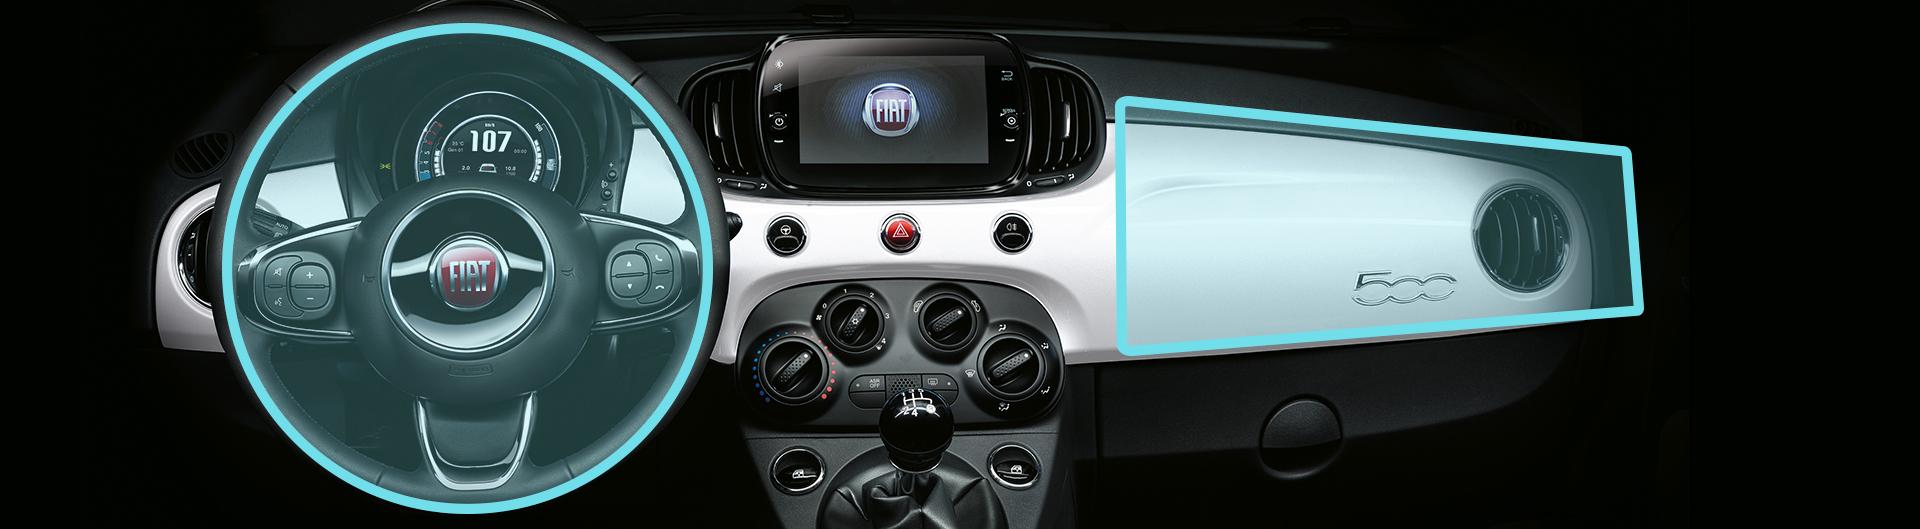 Fiat 500C airbags